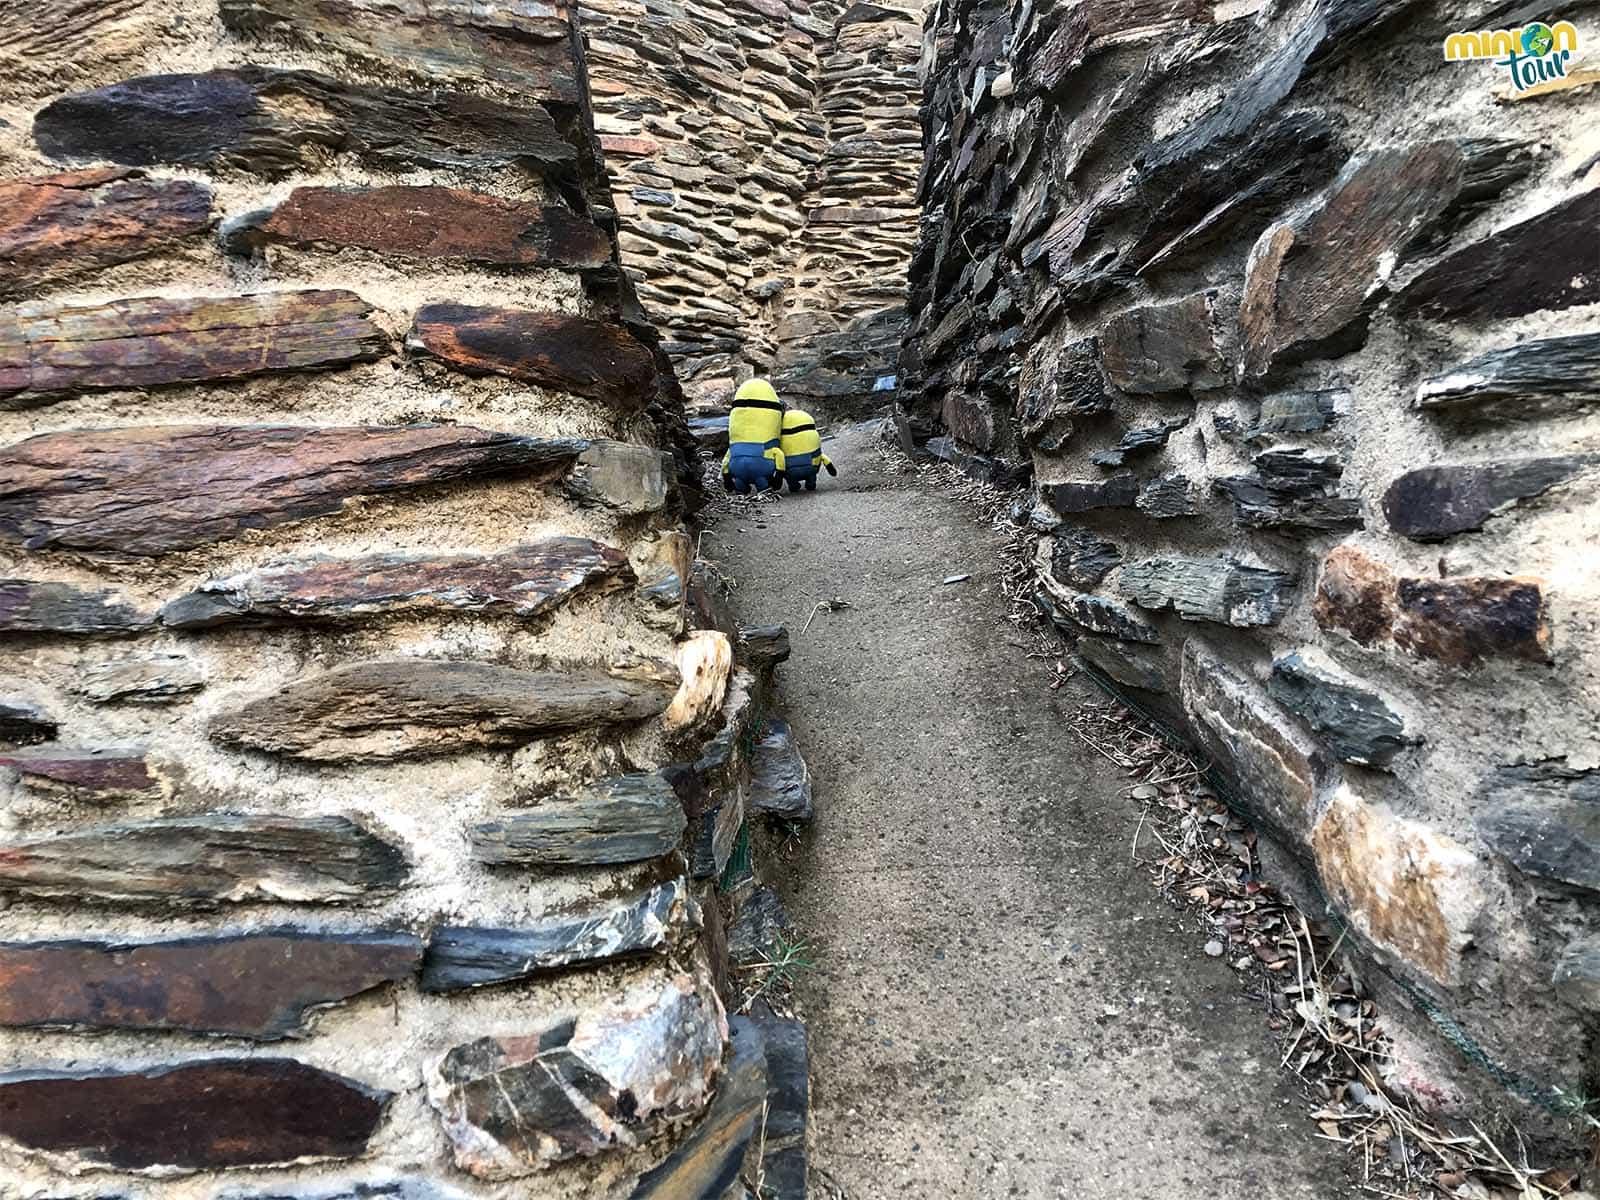 Rincones del Yacimiento Arqueológico de Peñalosa